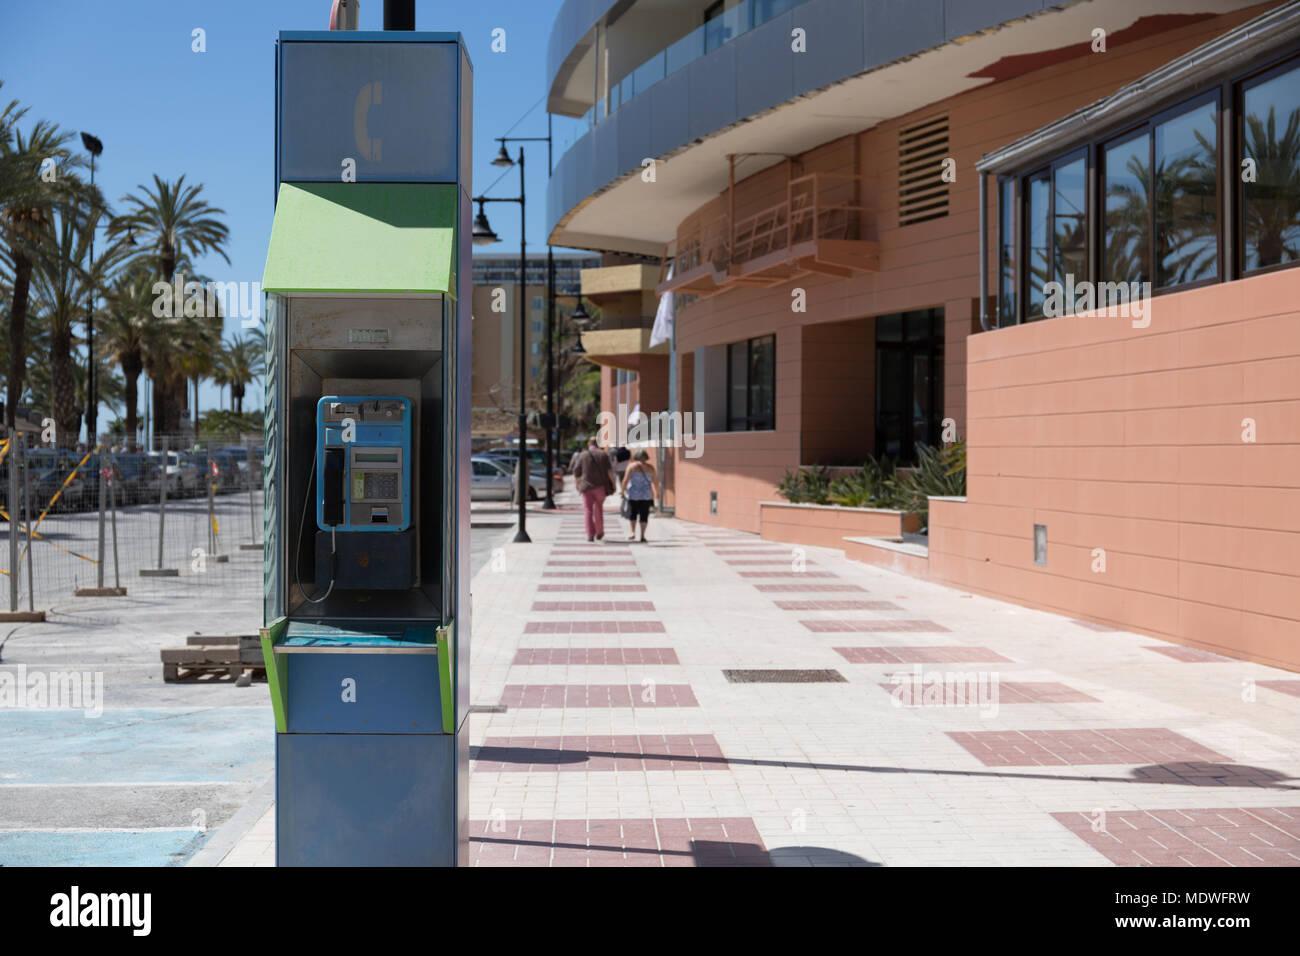 Telephone kiosk in Torremolinos, Spain - Stock Image